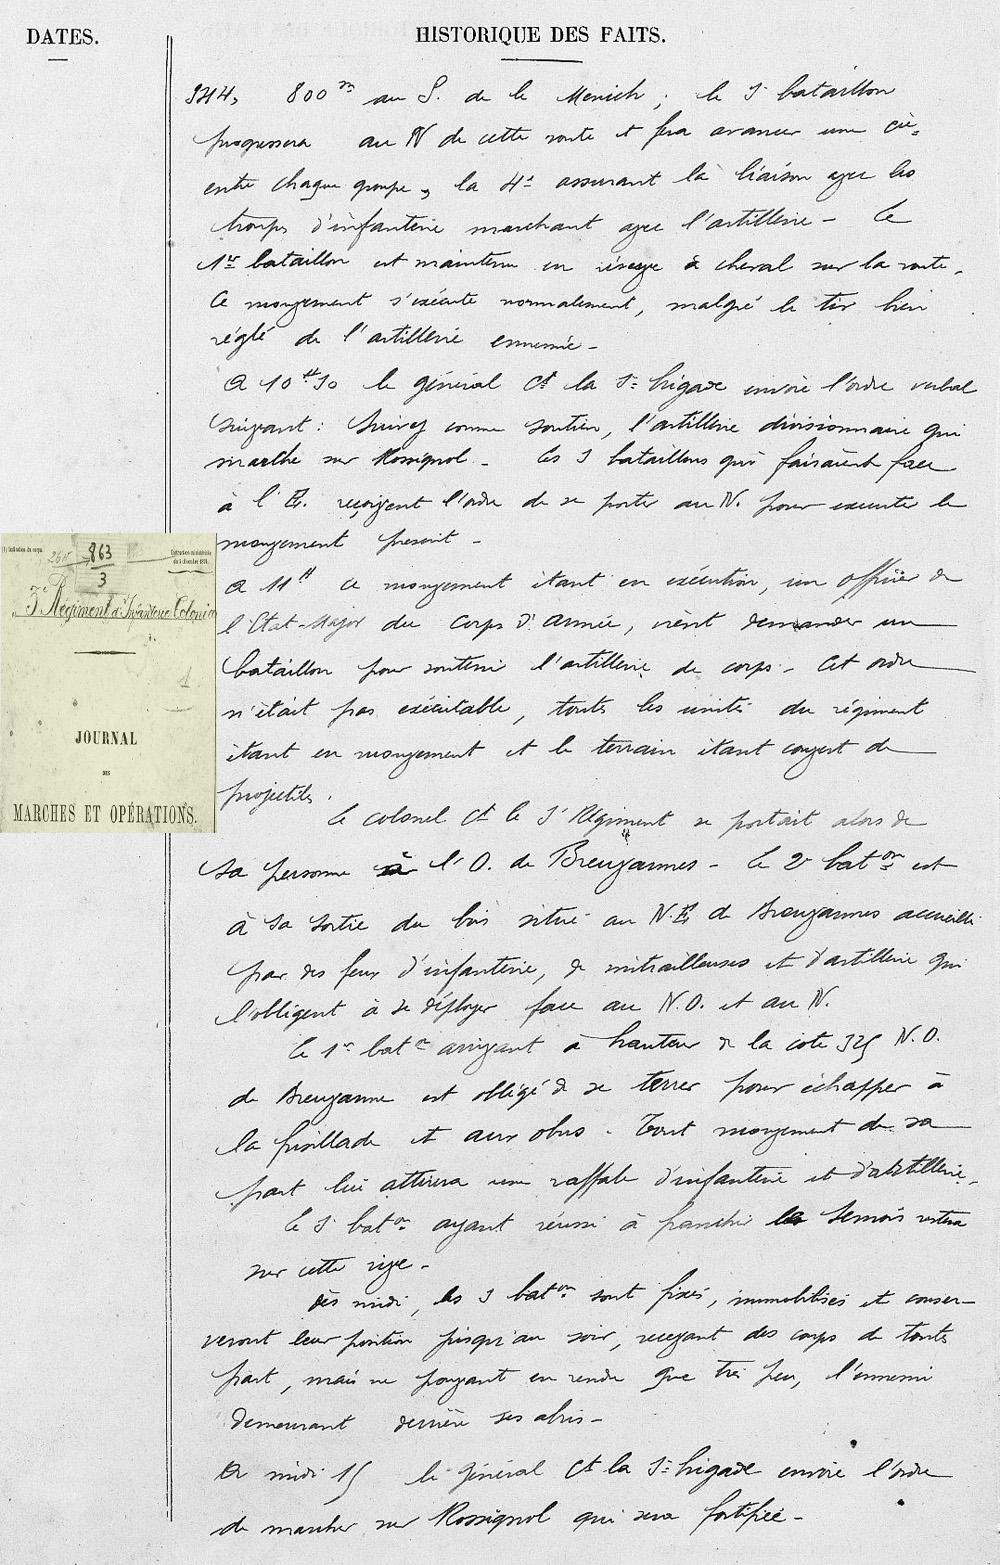 extrait-jmo-18-au-23-aout-1914-page-2_modifié-1